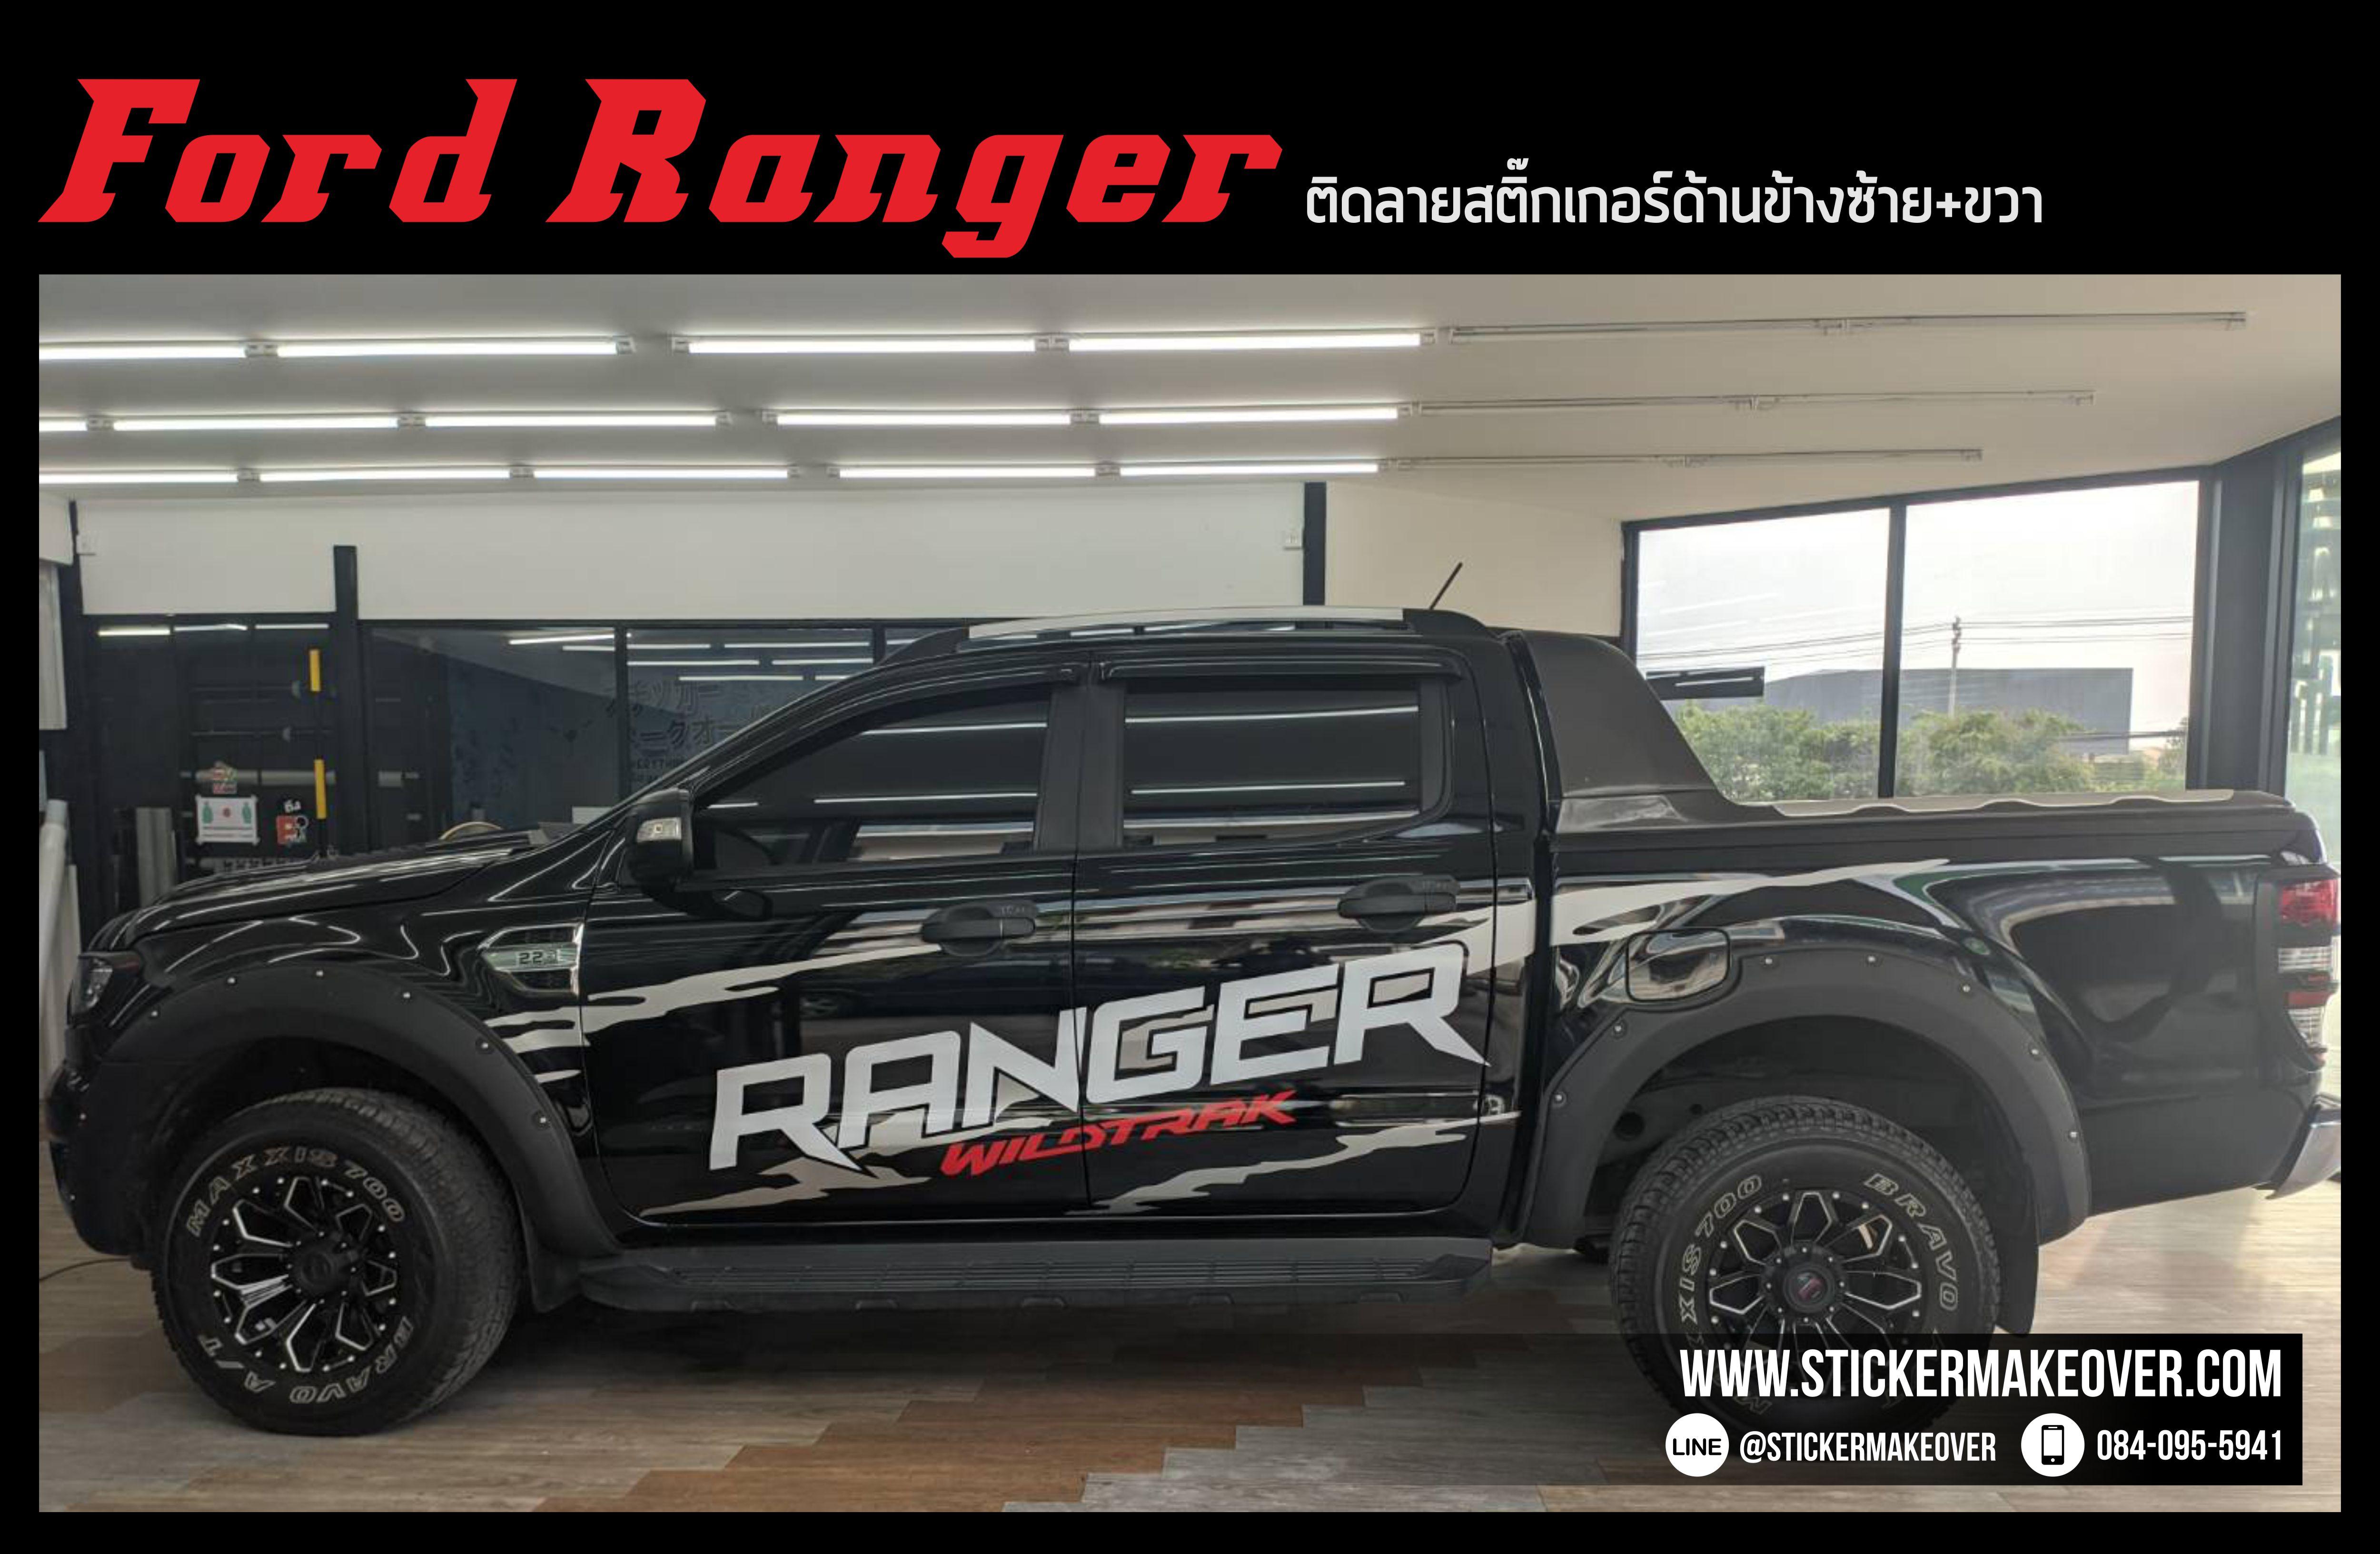 แต่งลายรถford ranger ลายรถrapter สติกเกอร์ลายรถford ranger rapter สติกเกอร์ลายโคลนสาด สติกเกอร์rangerแต่งสวย ลายรถกระบะเท่ๆ ลายรถกระบะแต่งสวย ลายf150